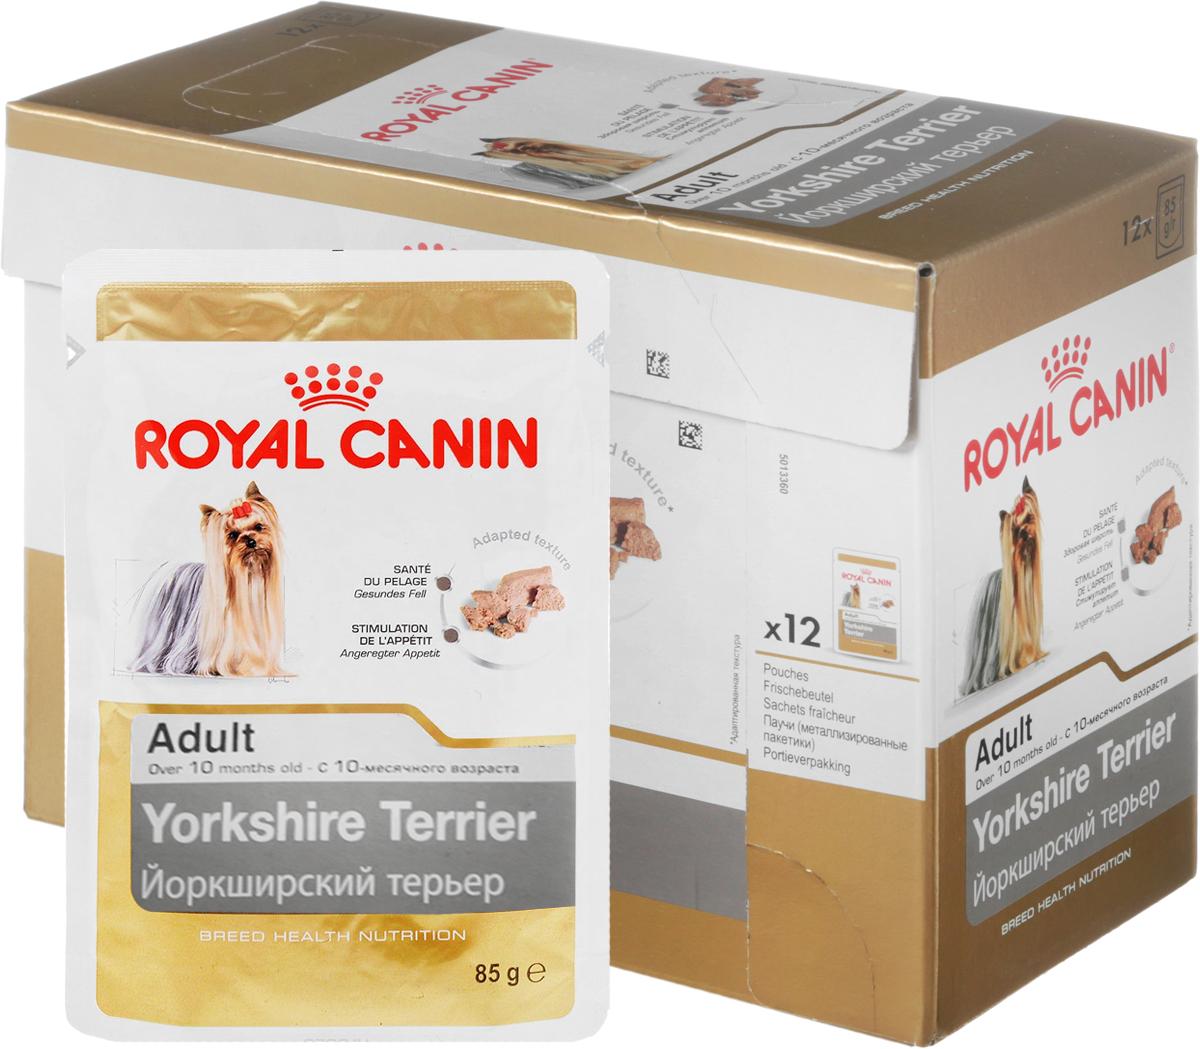 Консервы Royal Canin Yorkshire Terrier Adult, для собак породы йоркширский терьер старше 10 месяцев, паштет, 85 г, 12 шт60580Консервы Royal Canin Poodle Adult специально созданы для собак породы йоркширский терьер в возрасте старше 10 месяцев. Йоркширский терьер - это сказочное создание, которое очаровывает с первой минуты знакомства с ним. Тоненькие, хрупкие и изящные йорки в силу своей физиологии нуждаются в максимальном поступлении в организм аминокислот, необходимых для развития шерсти и ее быстрого роста. Здоровая шерсть. Эксклюзивная формула поддерживает здоровье и красоту шерсти йоркширского терьера. Вкусовая привлекательность. Благодаря высокой вкусовой привлекательности корм способен удовлетворить потребности даже самых привередливых собак.Особый комплекс с питательными веществами помогает сохранить здоровье собаки в зрелом возрасте и способствует долголетию. Состав: мясо и мясные субпродукты, злаки, субпродукты растительного происхождения, масла и жиры, минеральные вещества, углеводы. Добавки (в 1 кг): витамин D3: 195 ME, железо: 13 мг, йод: 0,22 мг, марганец: 4,1 мг, цинк: 41 мг.Товар сертифицирован.